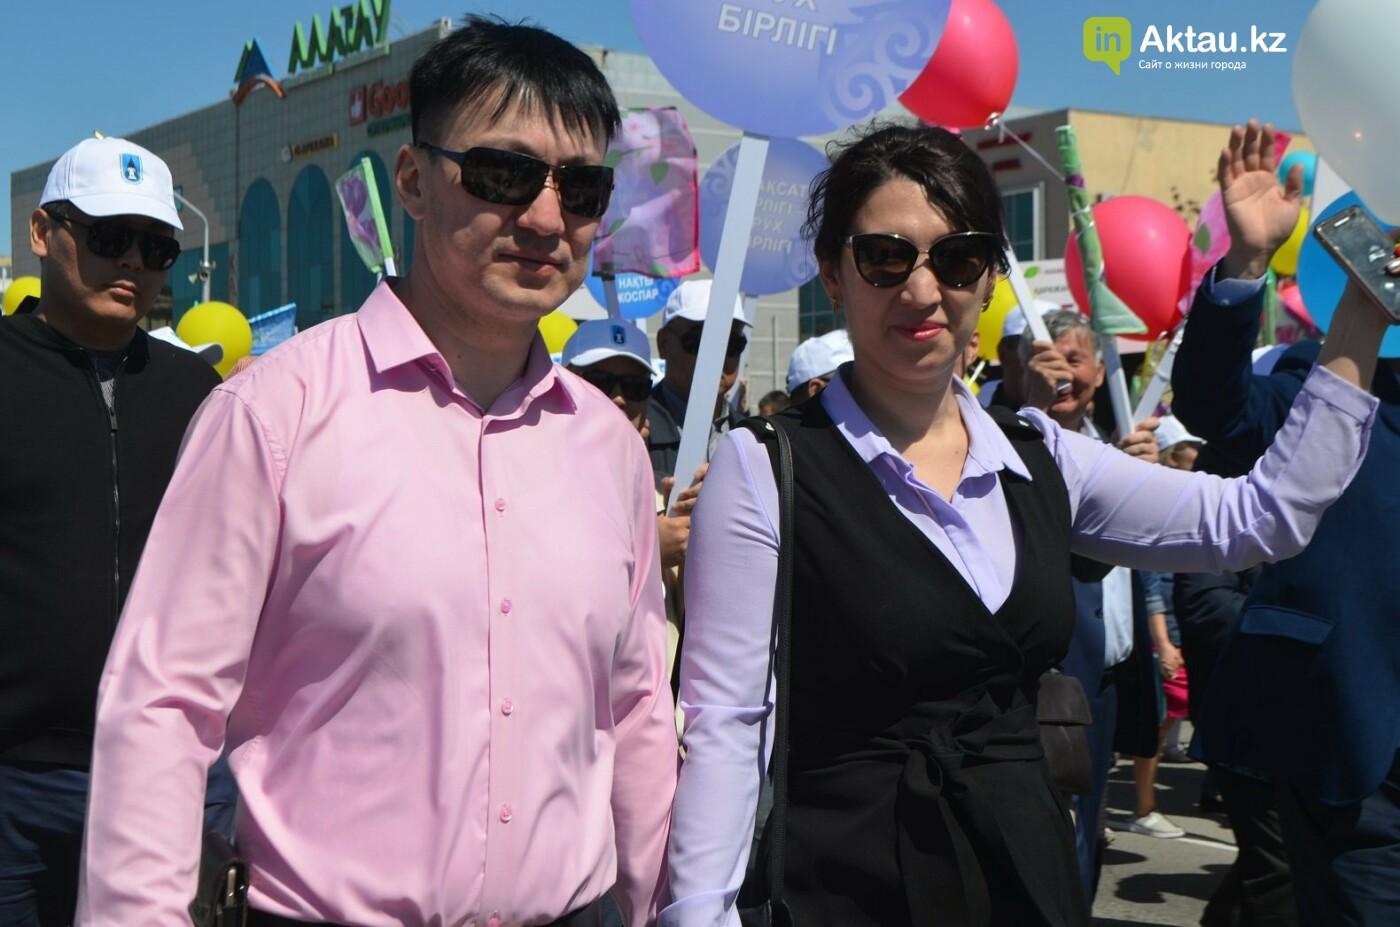 Как в Актау отметили День единства народов (ФОТО), фото-3